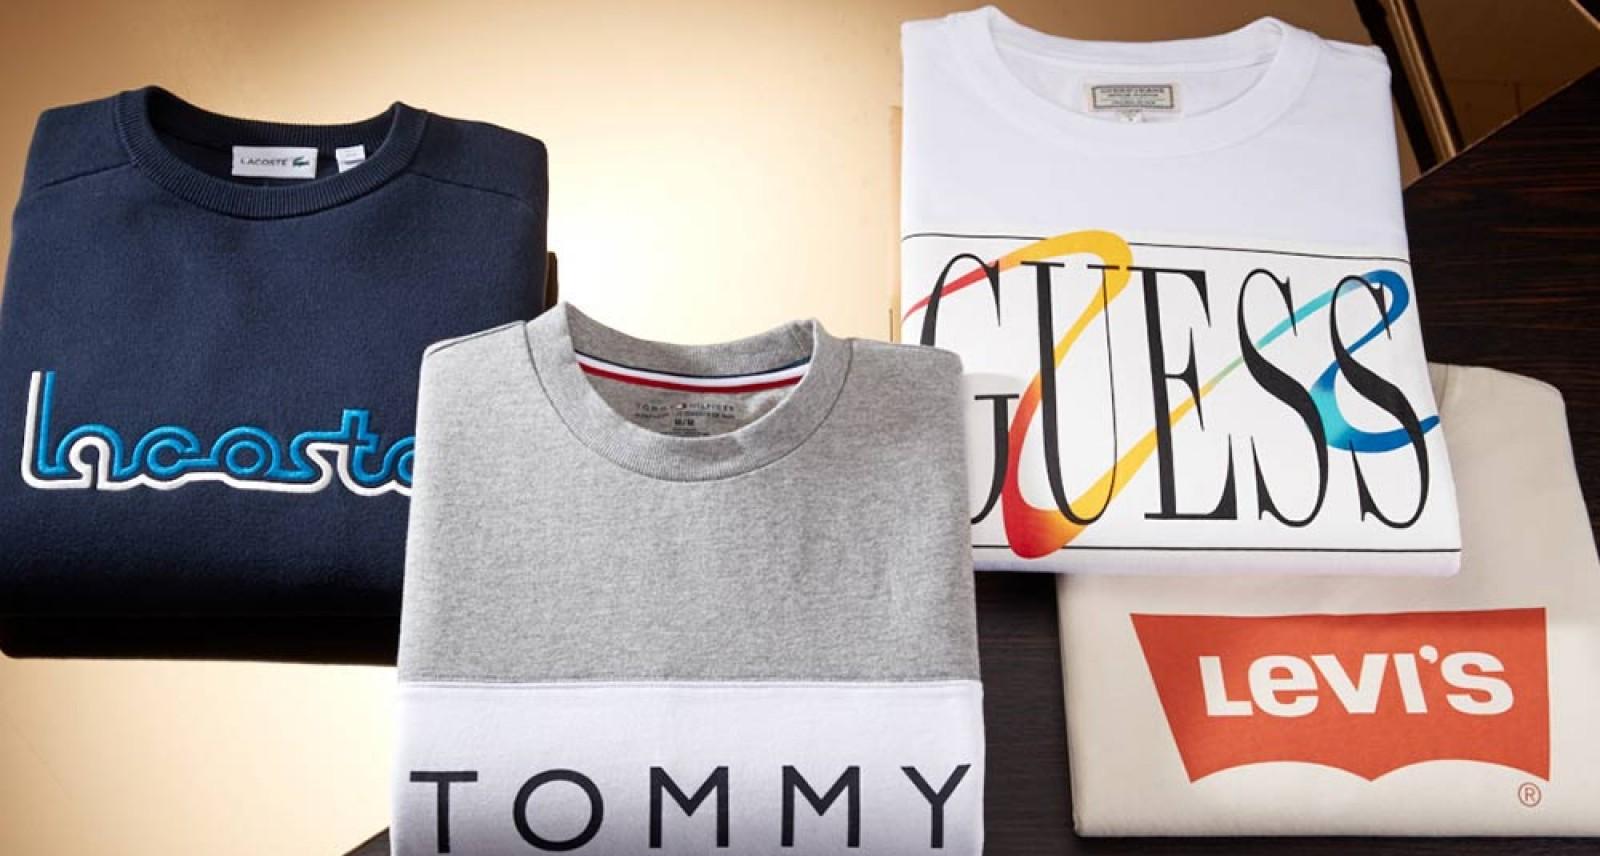 Ide Nama Clothing yang belum dipakai Unik dan Mudah diingat